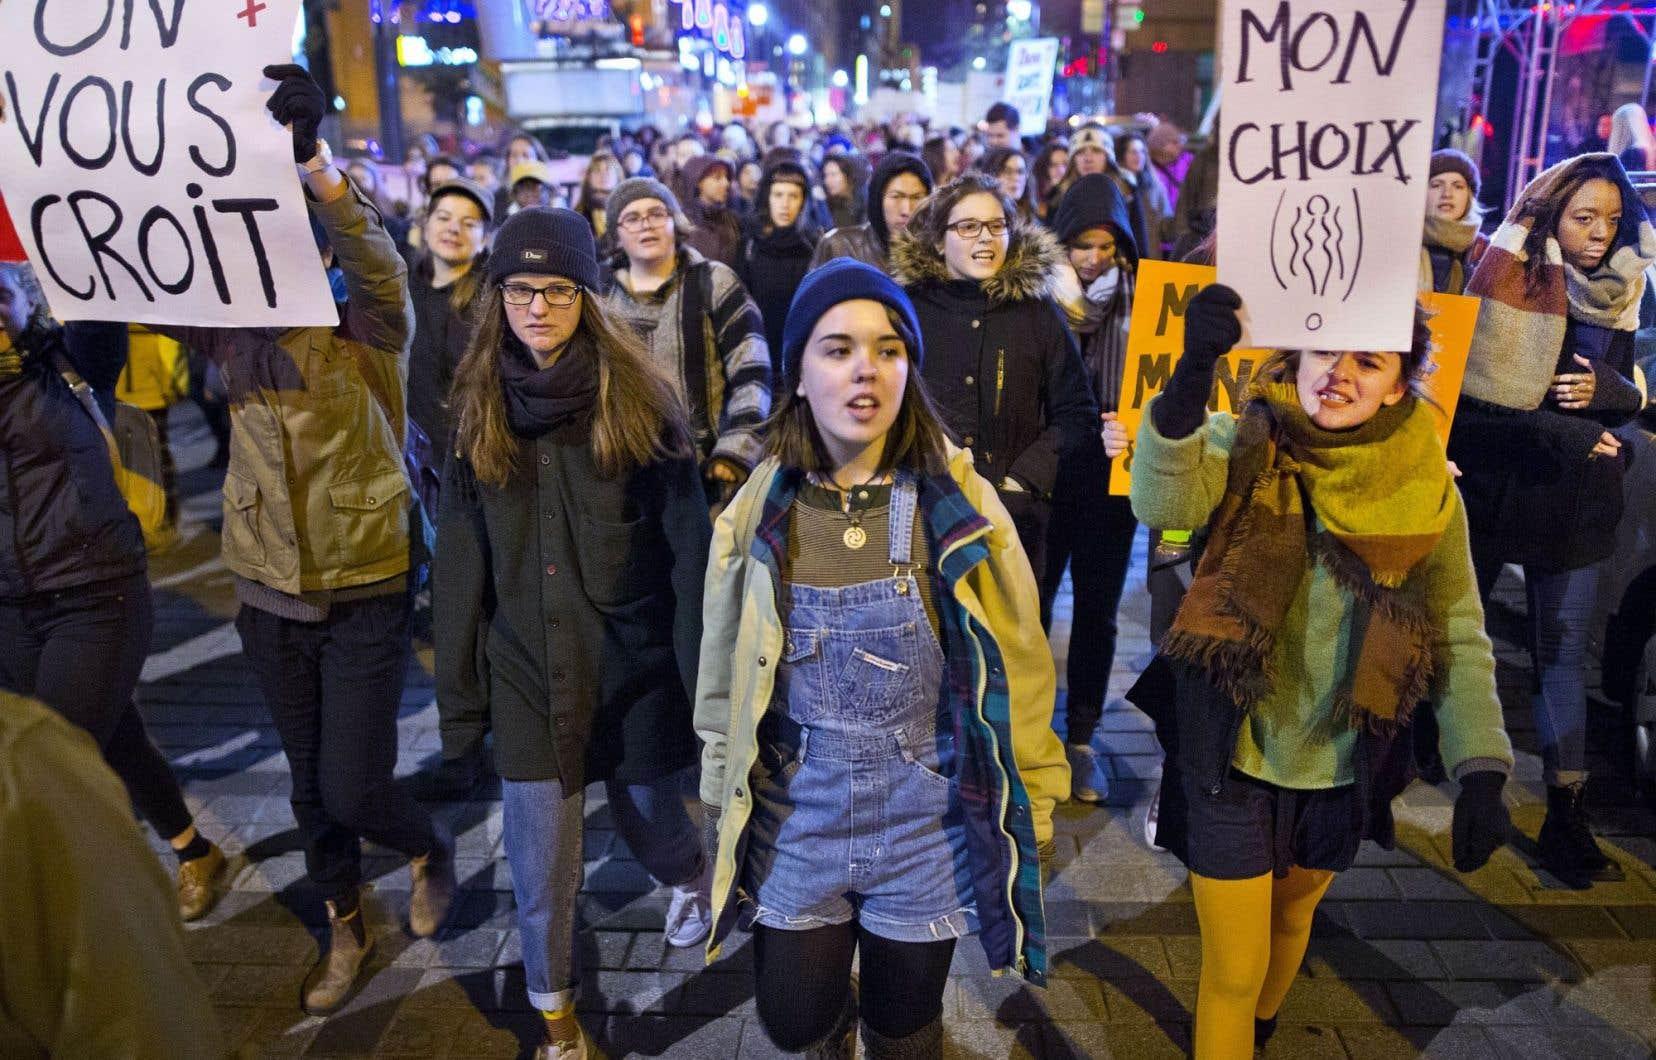 À Montréal, une marche pour dénoncer la culture du viol